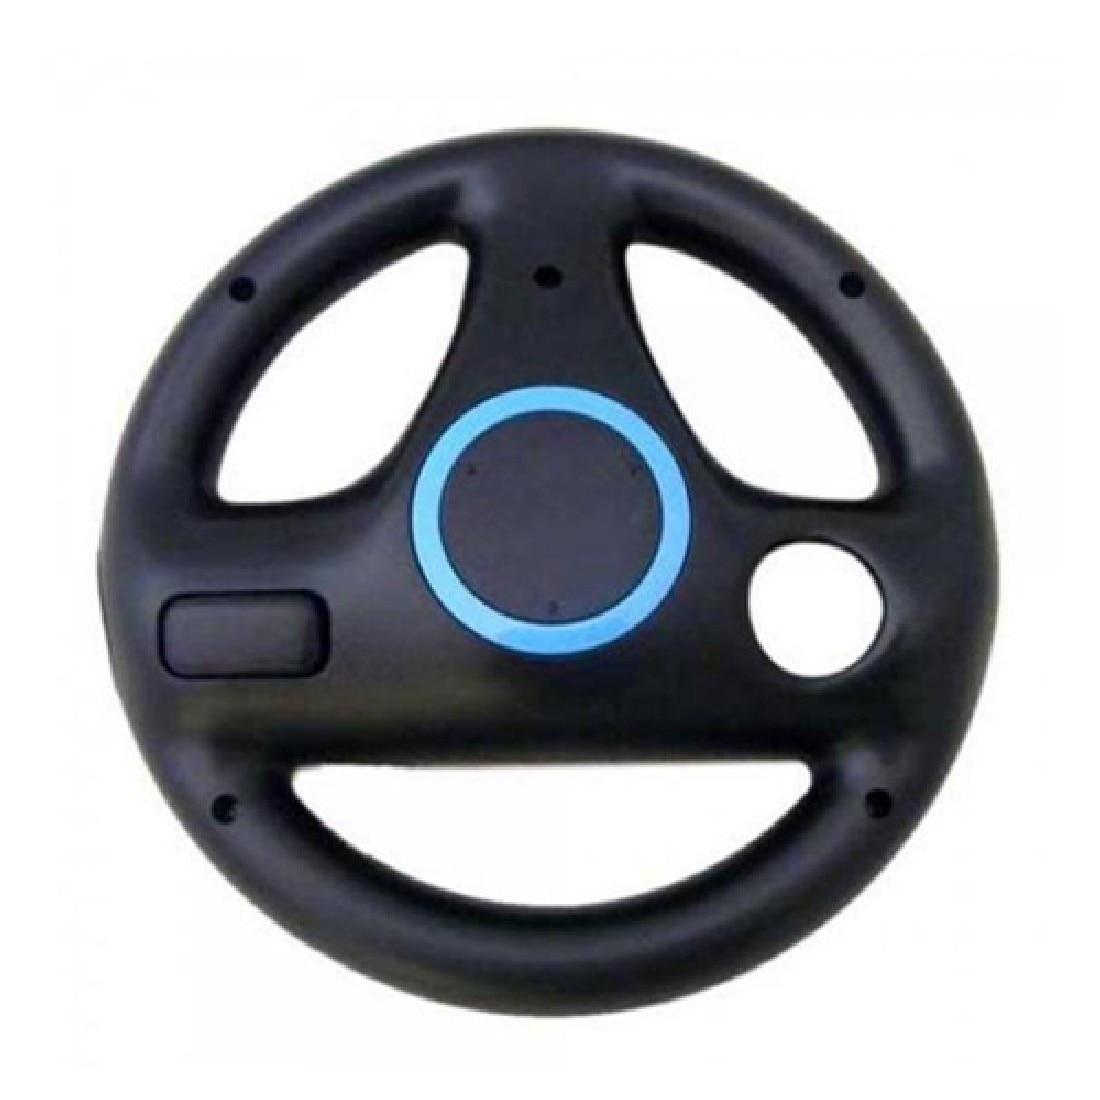 Vente chaude Noir Volant Pour Nintendo Wii Mario Kart Racing Jeux De Qualité Supérieure À Distance Contrôleur